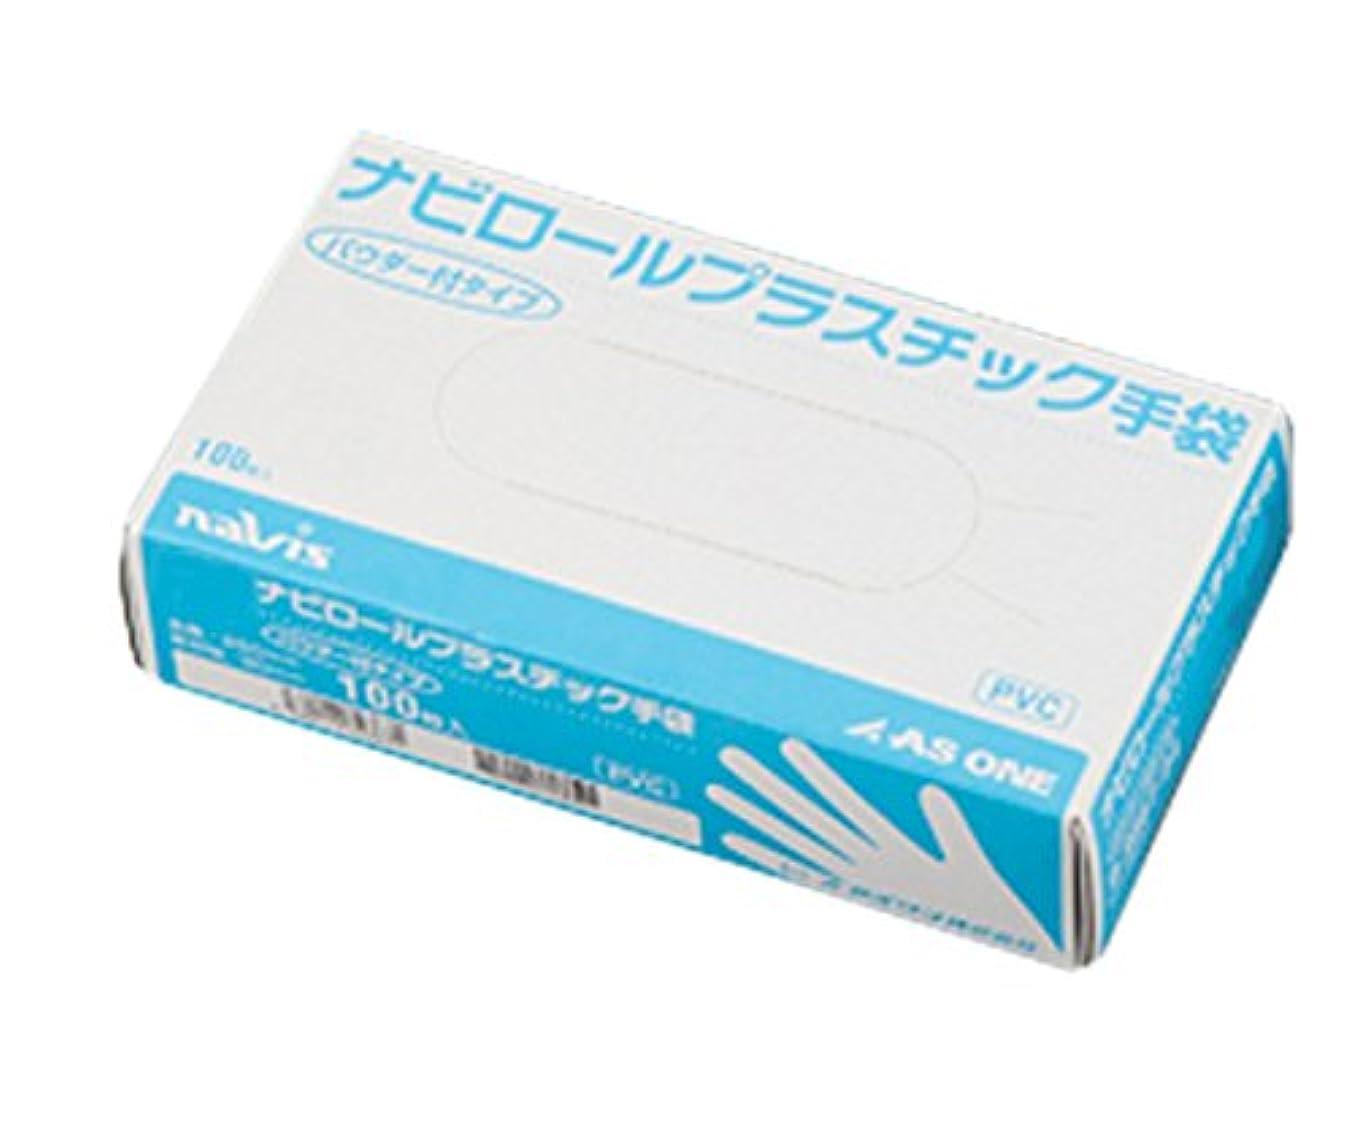 おっと禁止摂氏度アズワン ナビロールプラスチック手袋(パウダー付き) M 100枚入